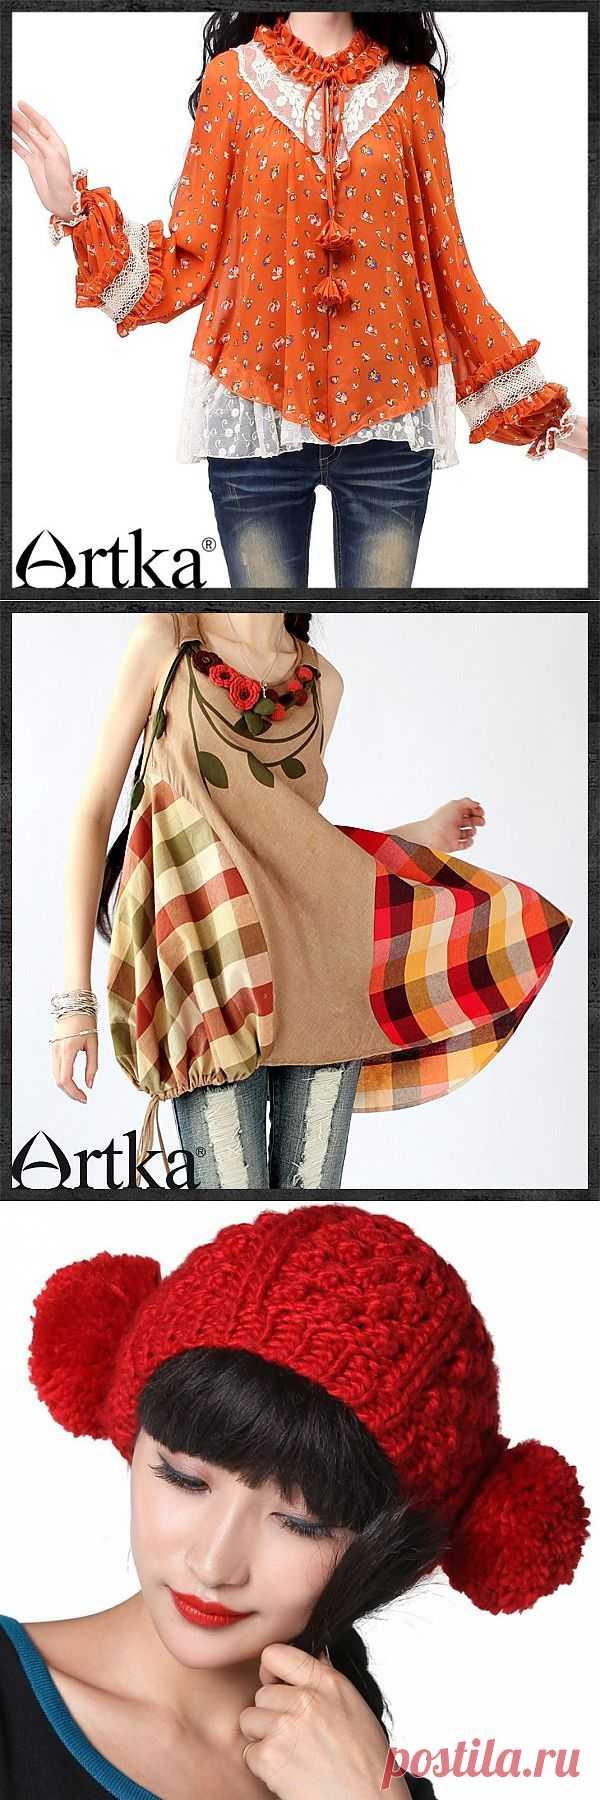 Стиль бохо в коллекции Artka / Вещь / Модный сайт о стильной переделке одежды и интерьера